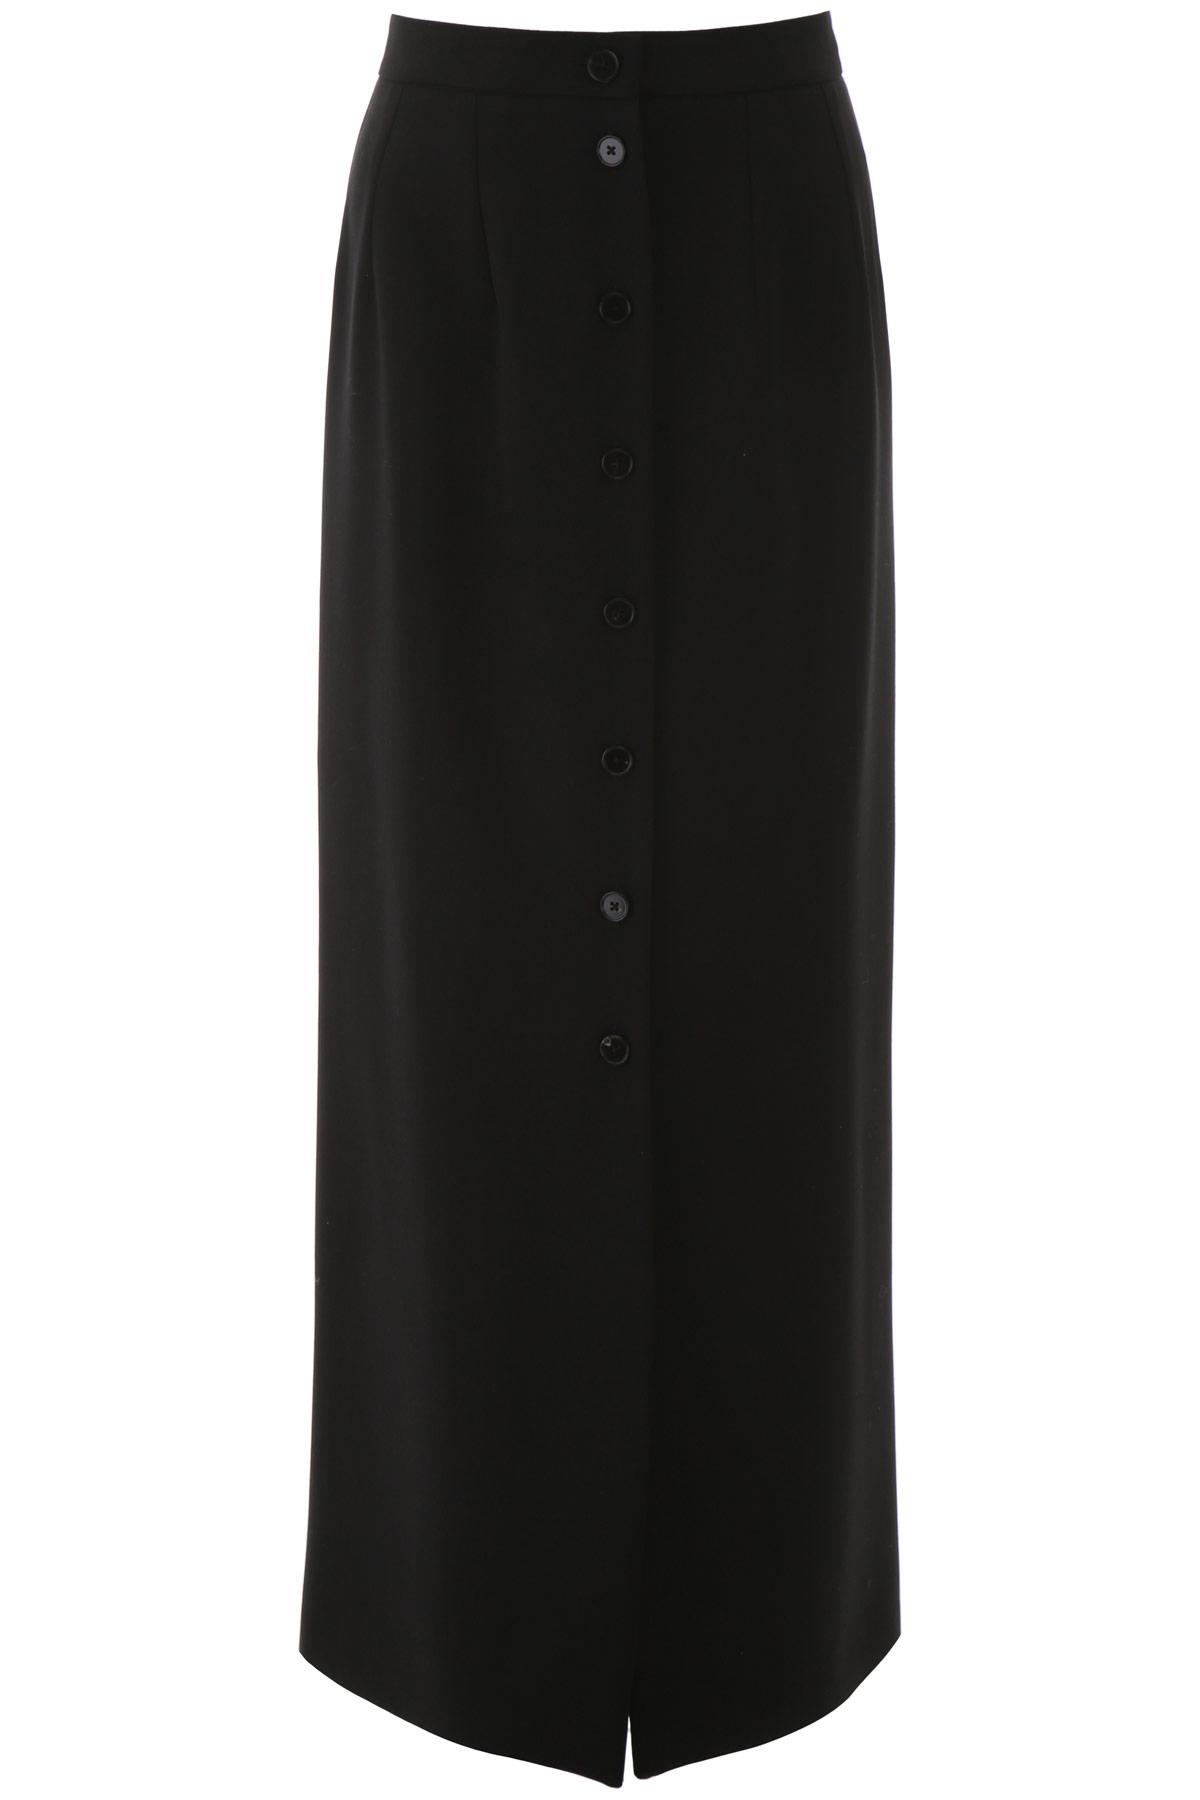 JIL SANDER GABARDINE SKIRT 32 Black Wool